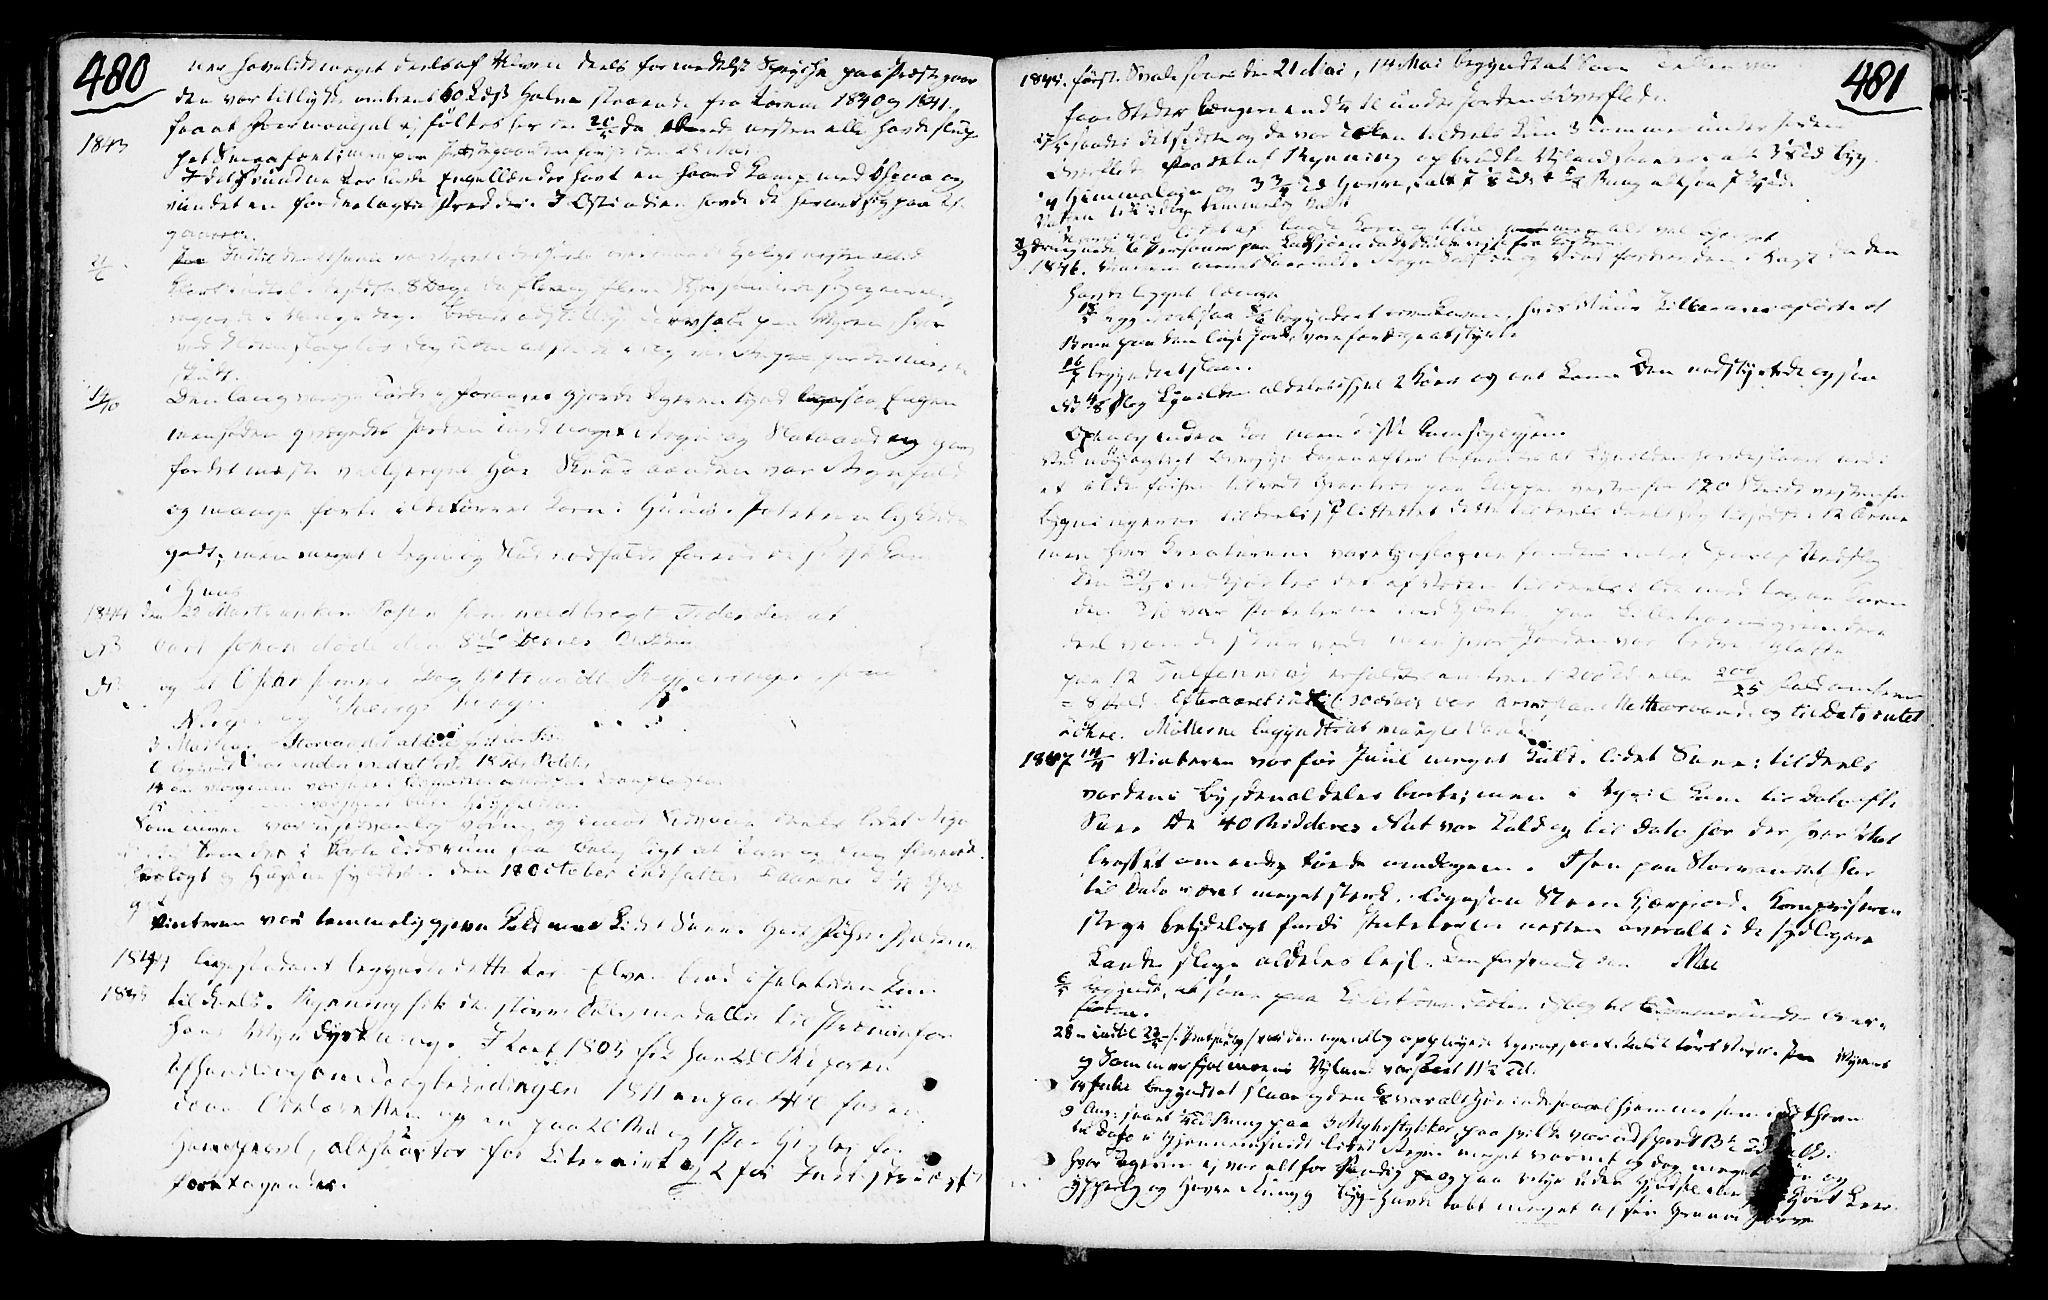 SAT, Ministerialprotokoller, klokkerbøker og fødselsregistre - Nord-Trøndelag, 749/L0468: Ministerialbok nr. 749A02, 1787-1817, s. 480-481